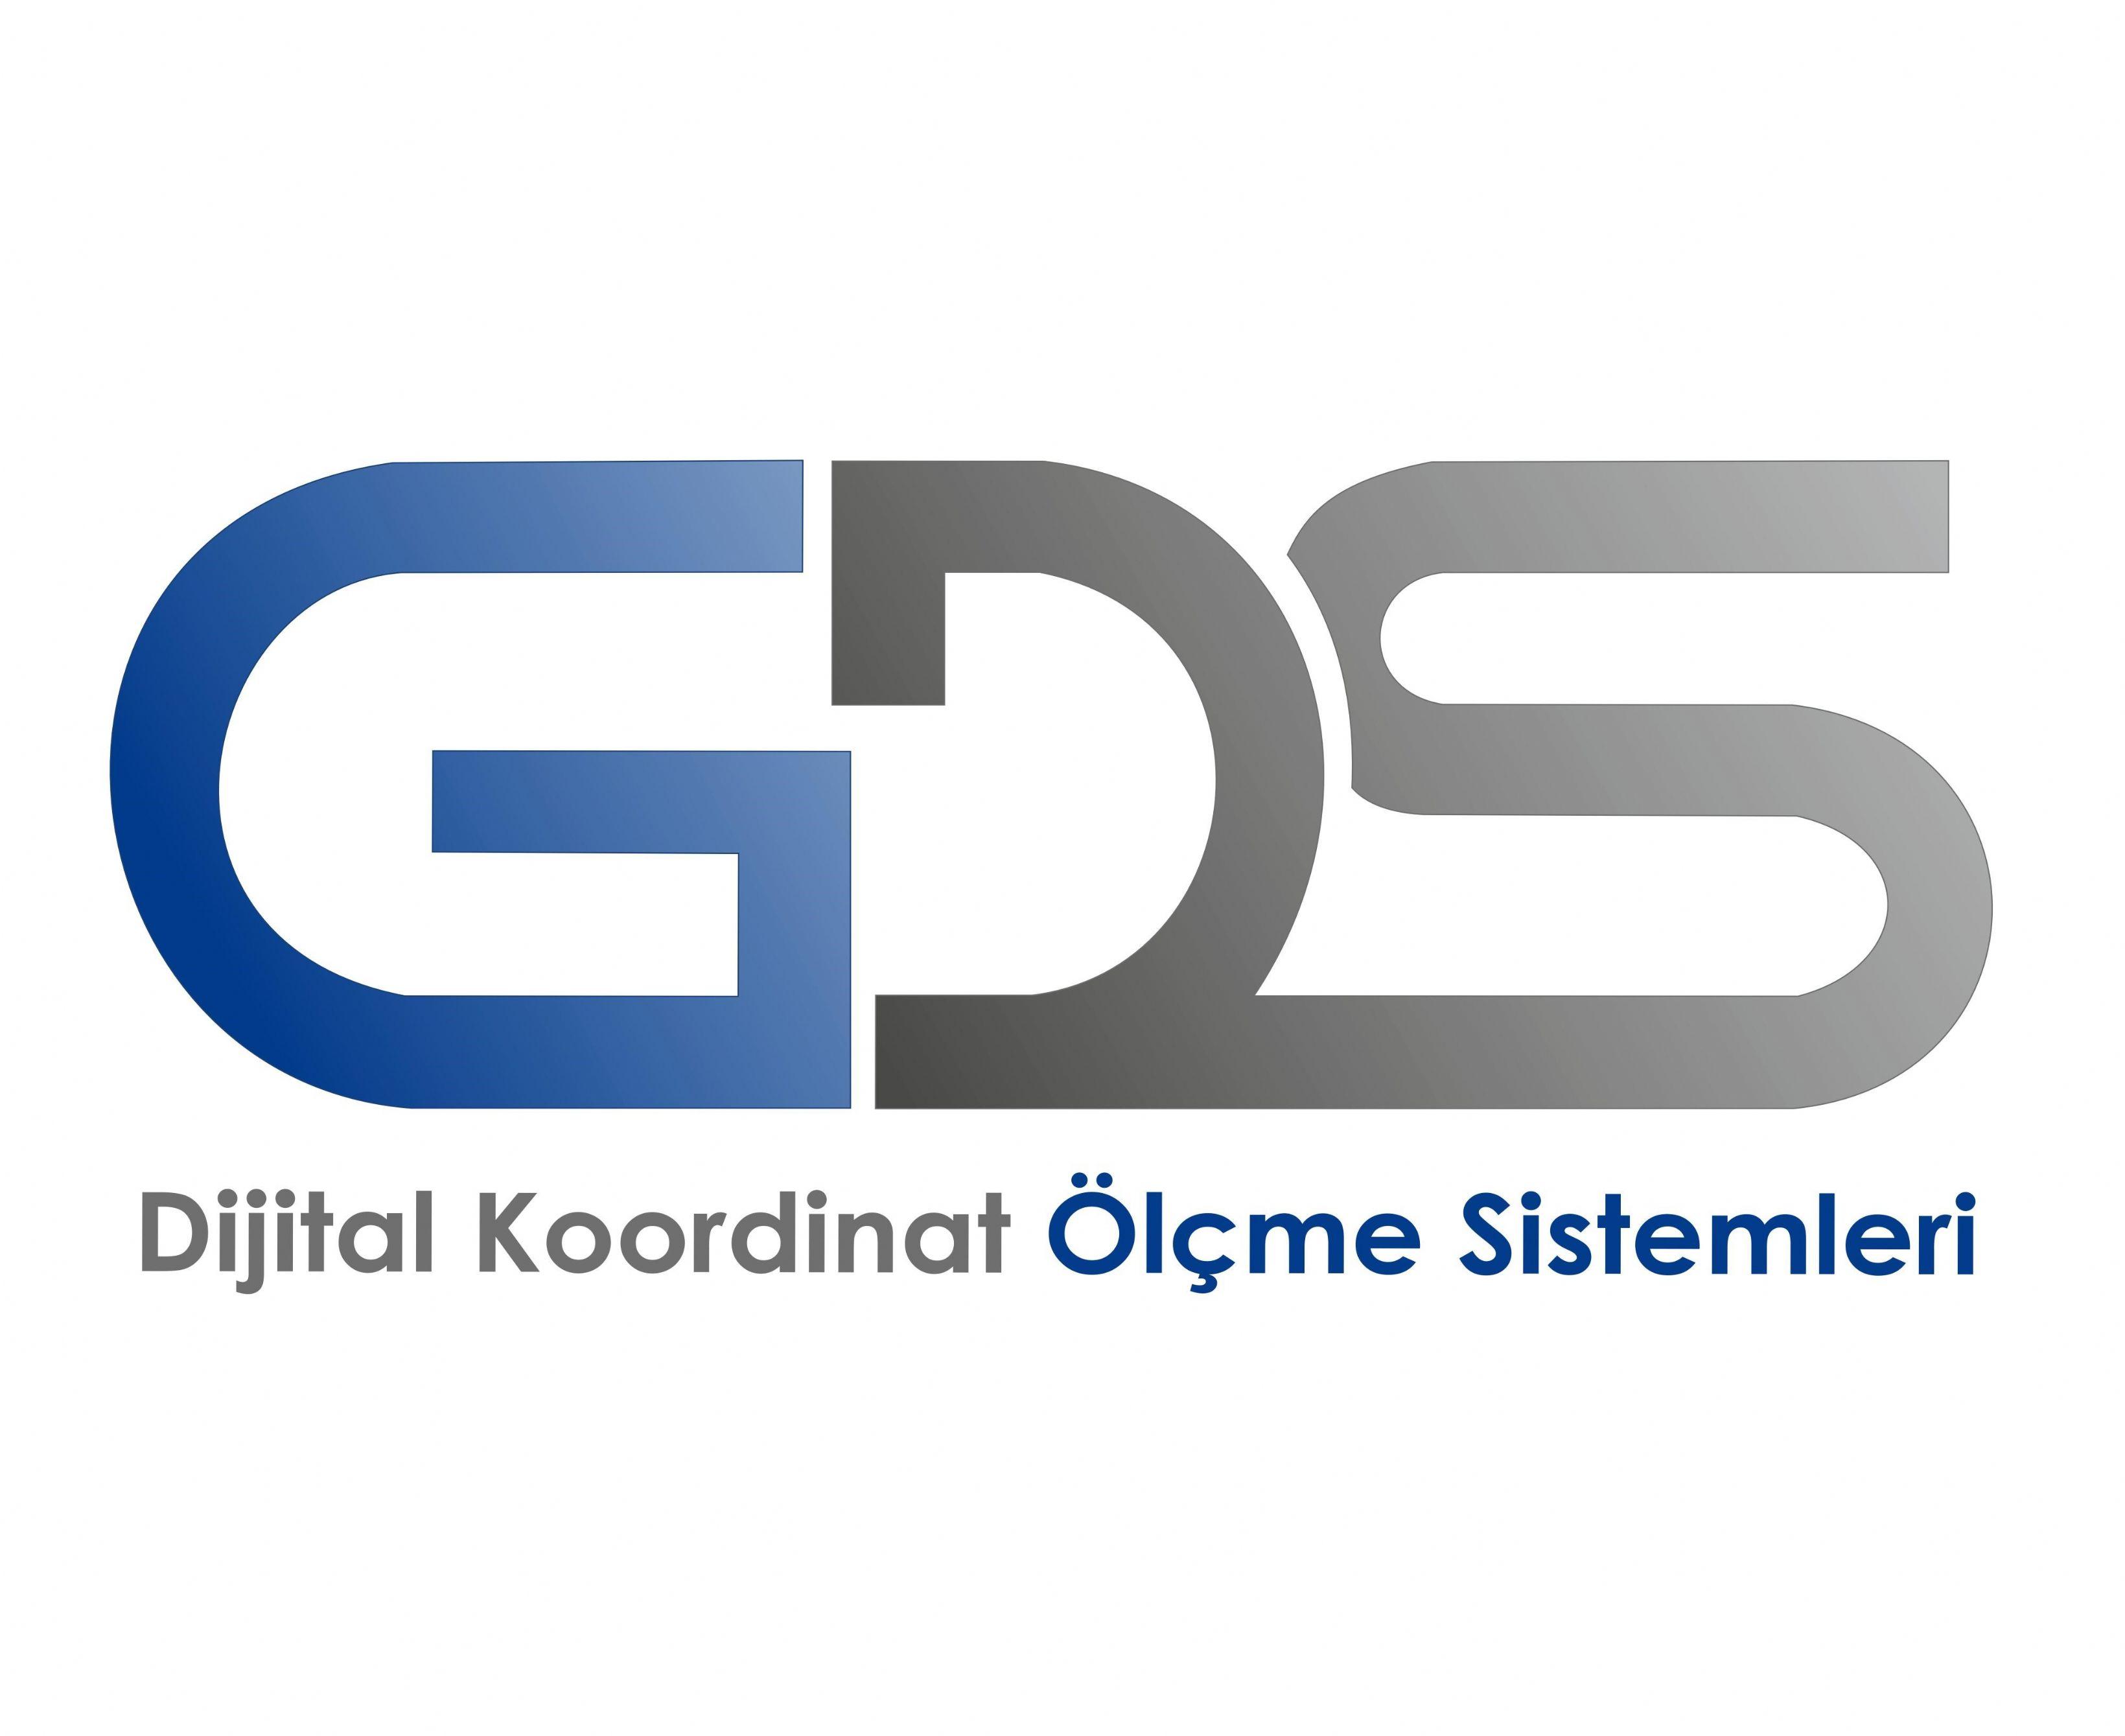 GDS Dijital Koordinat Ölçme Sistemleri